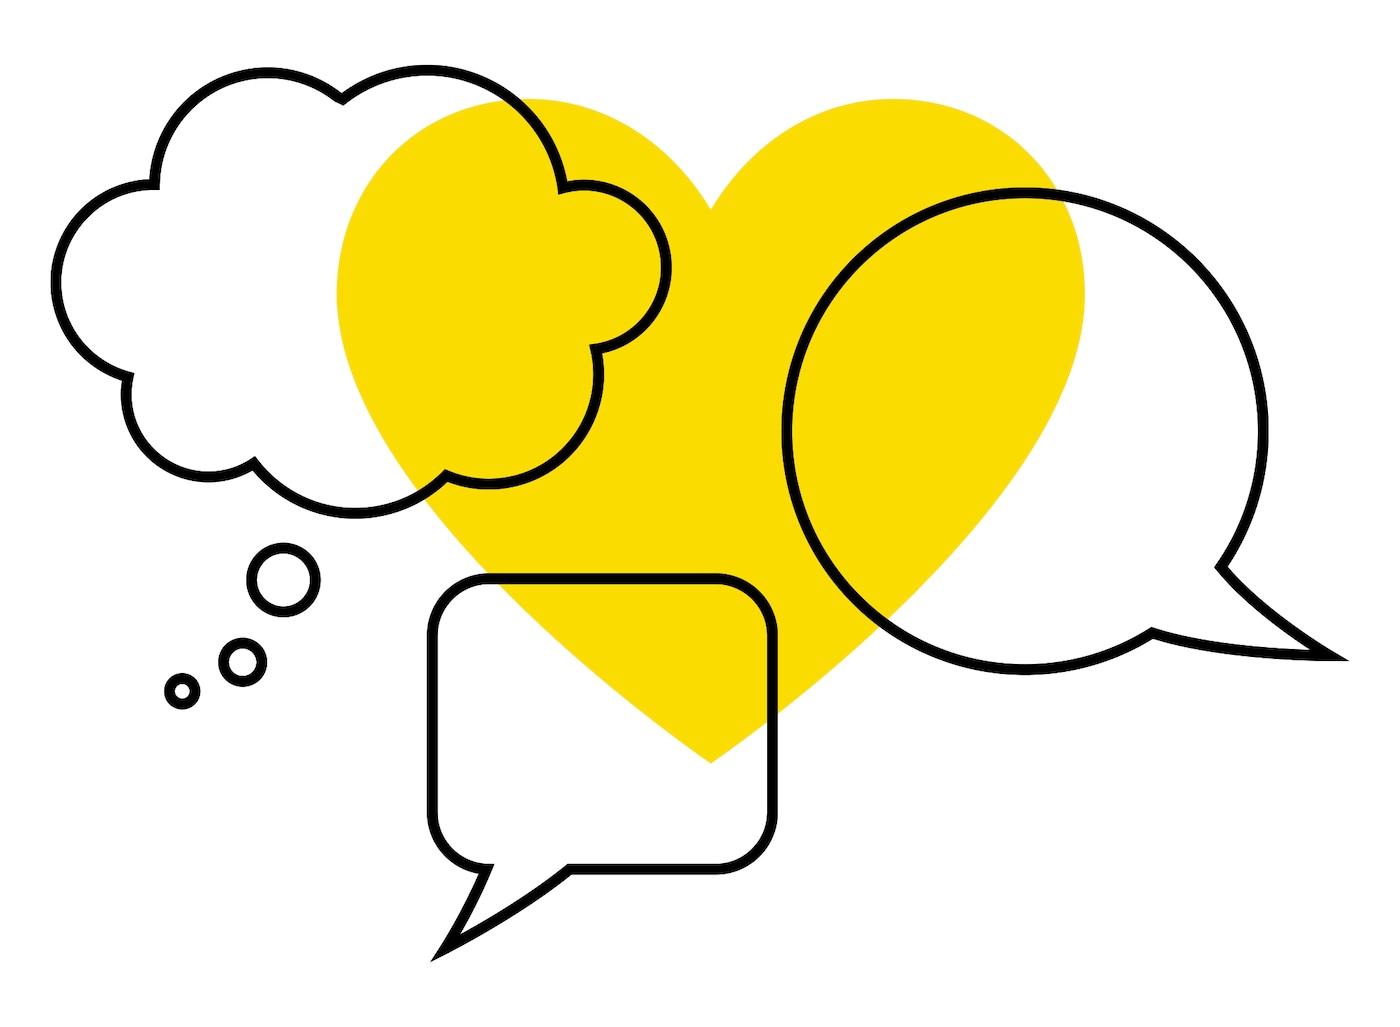 Simbol IKEA za komunikacijo o koronavirusu, ki je sestavljen iz treh različnih mehurčkov za govor, nameščenih nad rumeno srce.